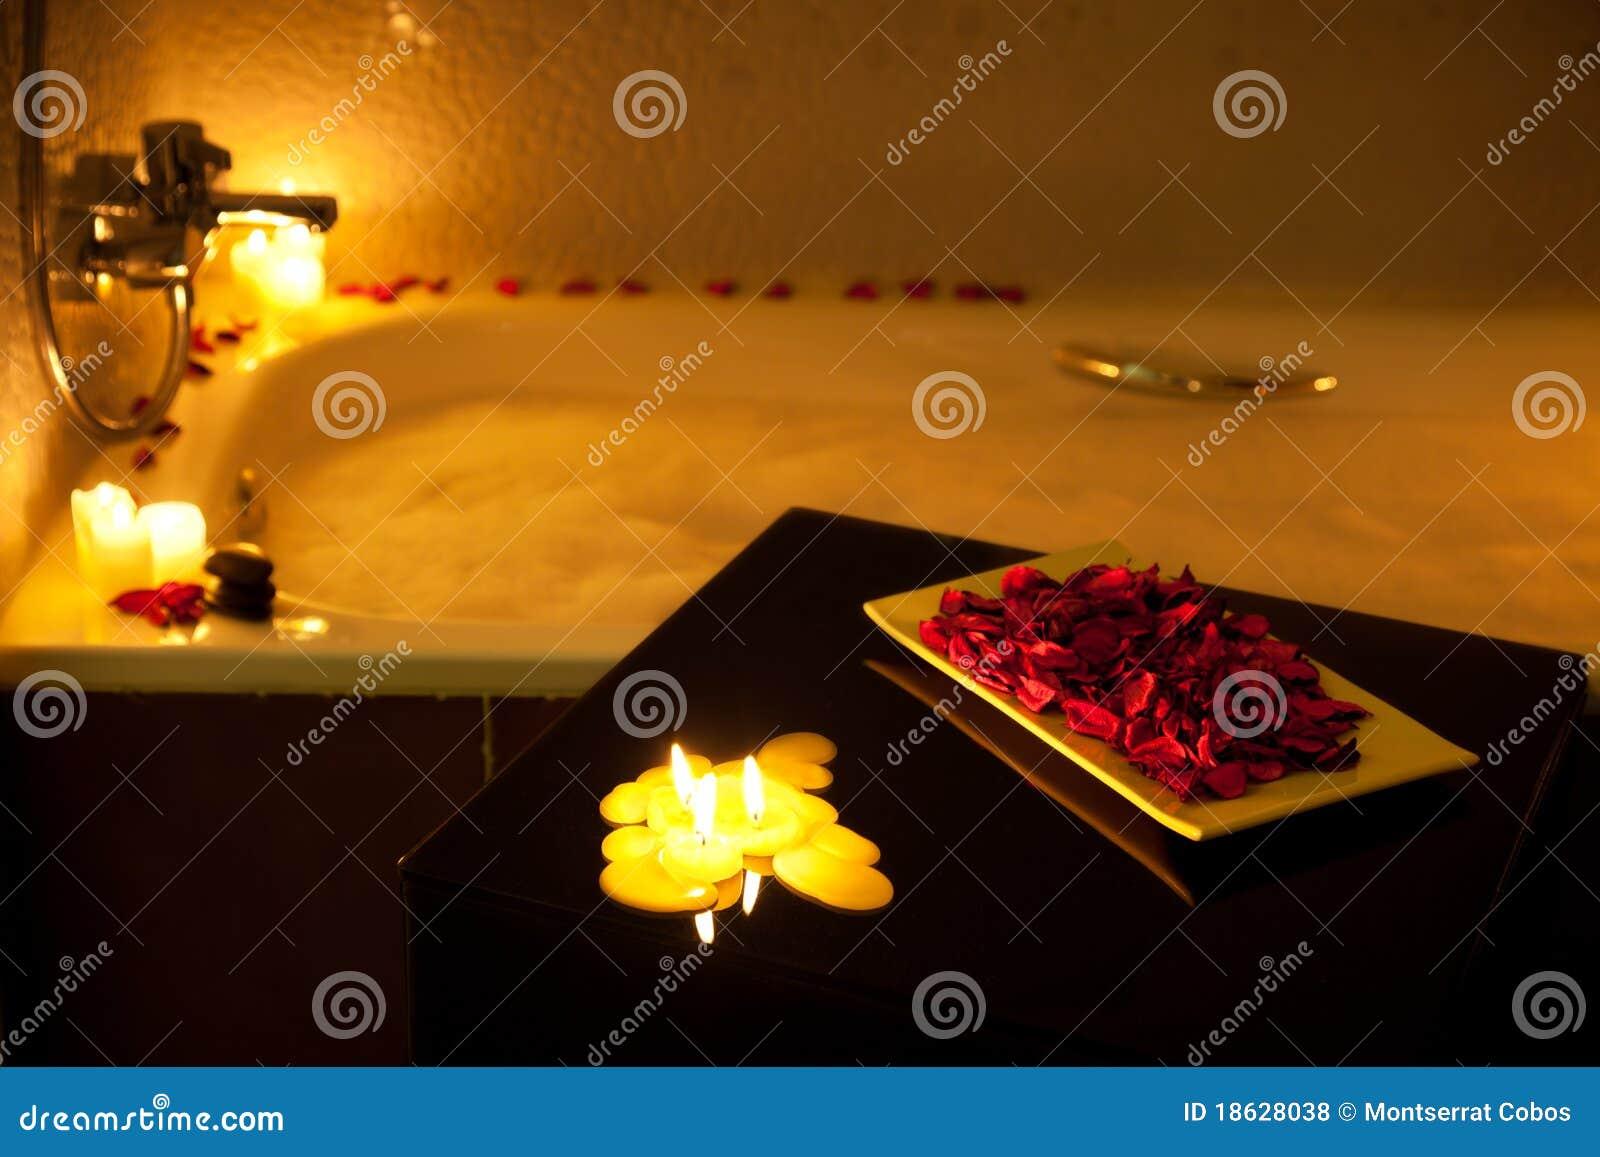 Vasca Da Bagno Romantica Con Candele : Vasca da bagno romantica fotografia stock. immagine di petalo 18628038